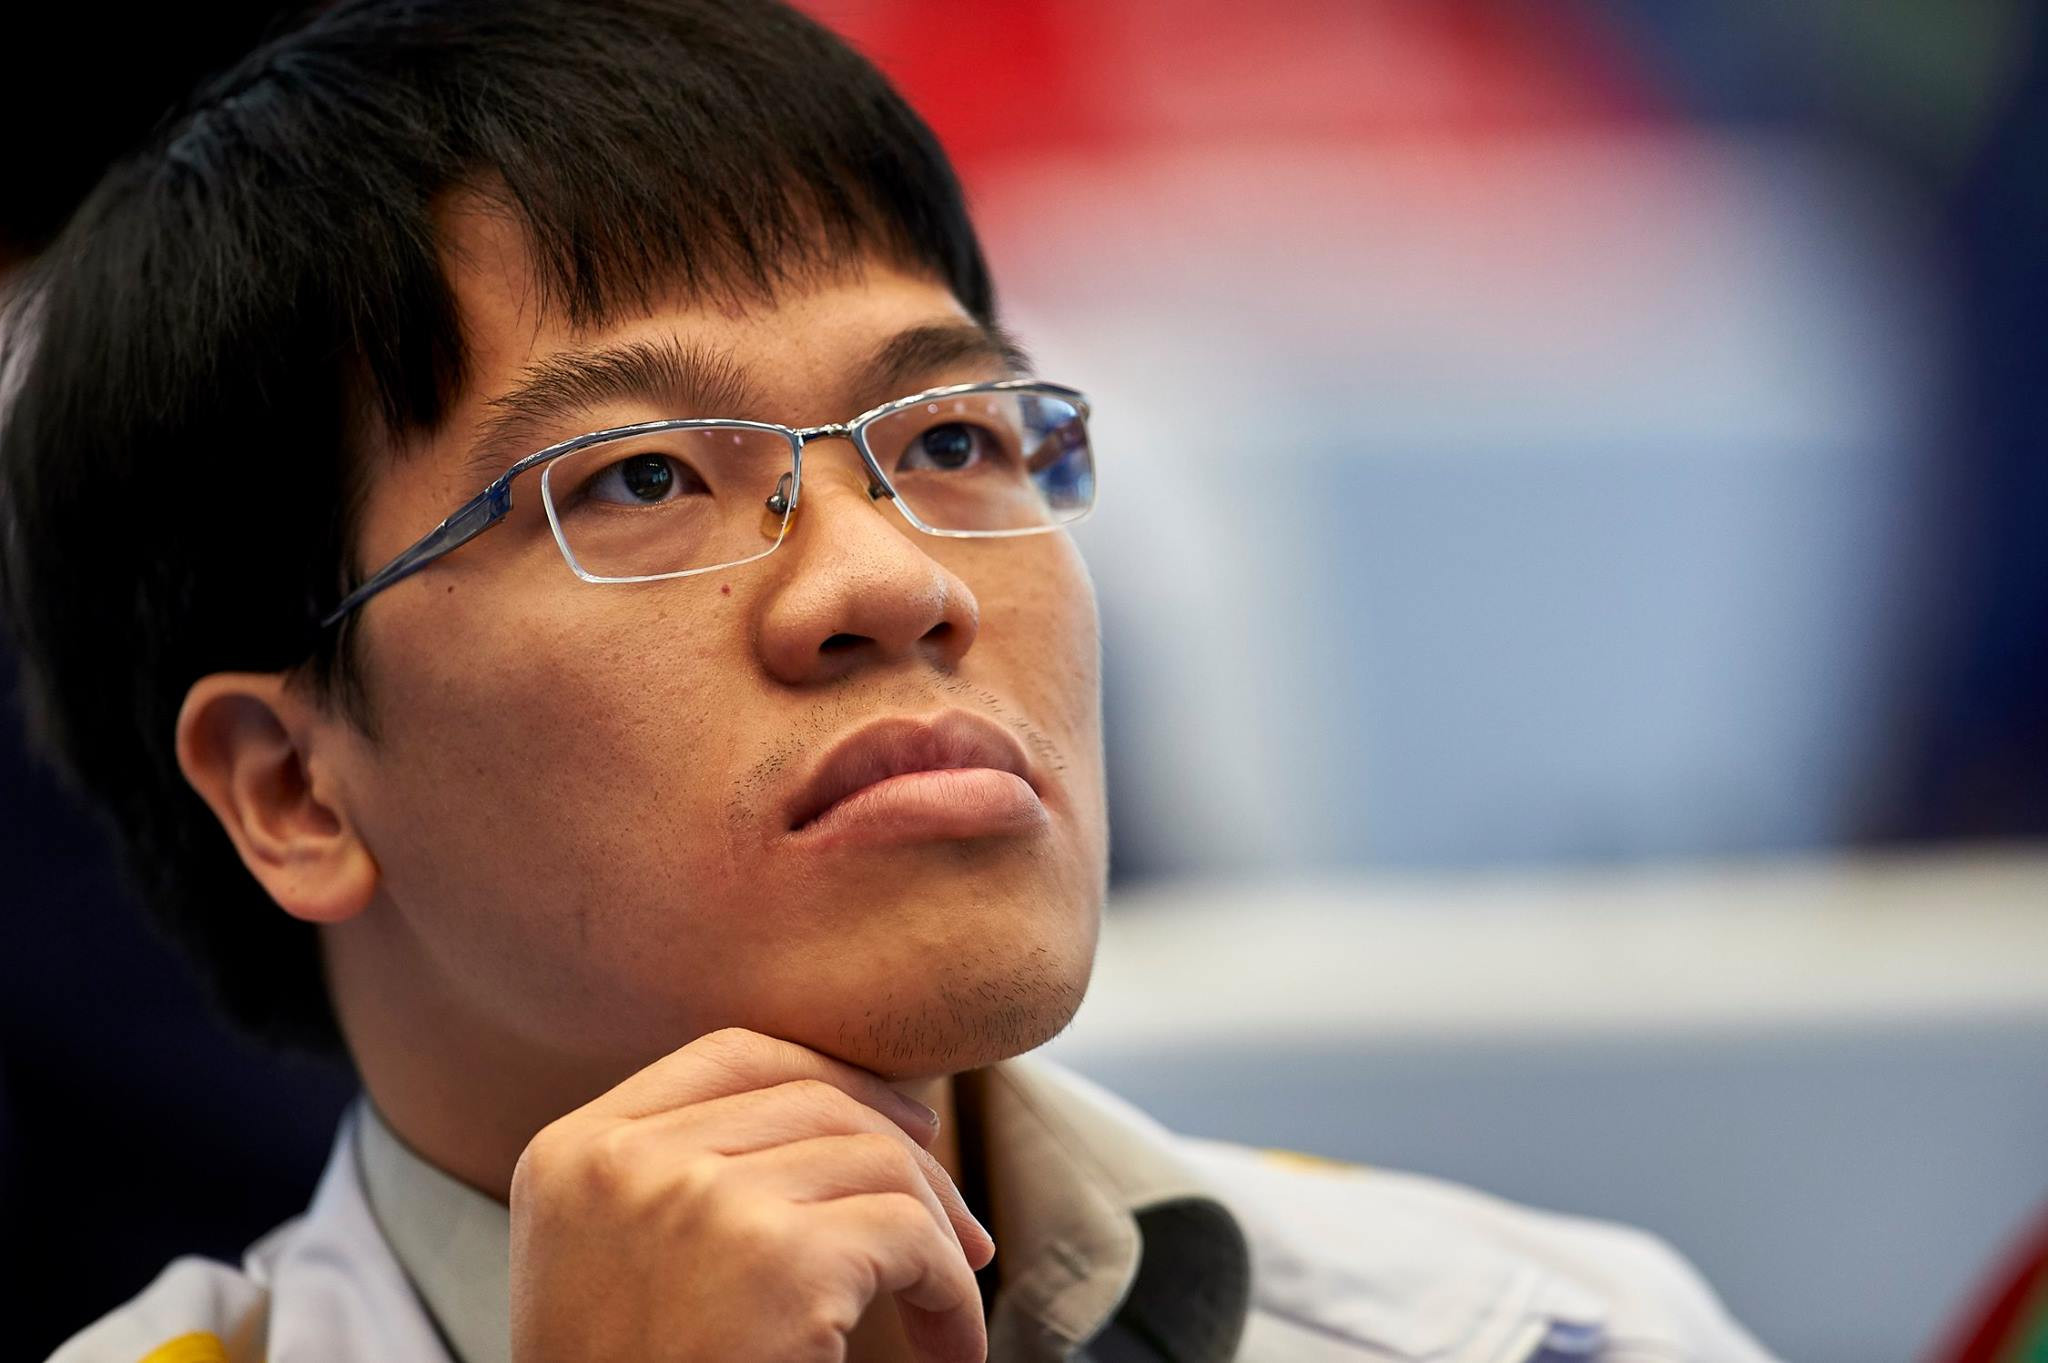 Vietnam's Le Quang Liem claimed the men's standard individual chess crown ©Ashgabat 2017/Facebook